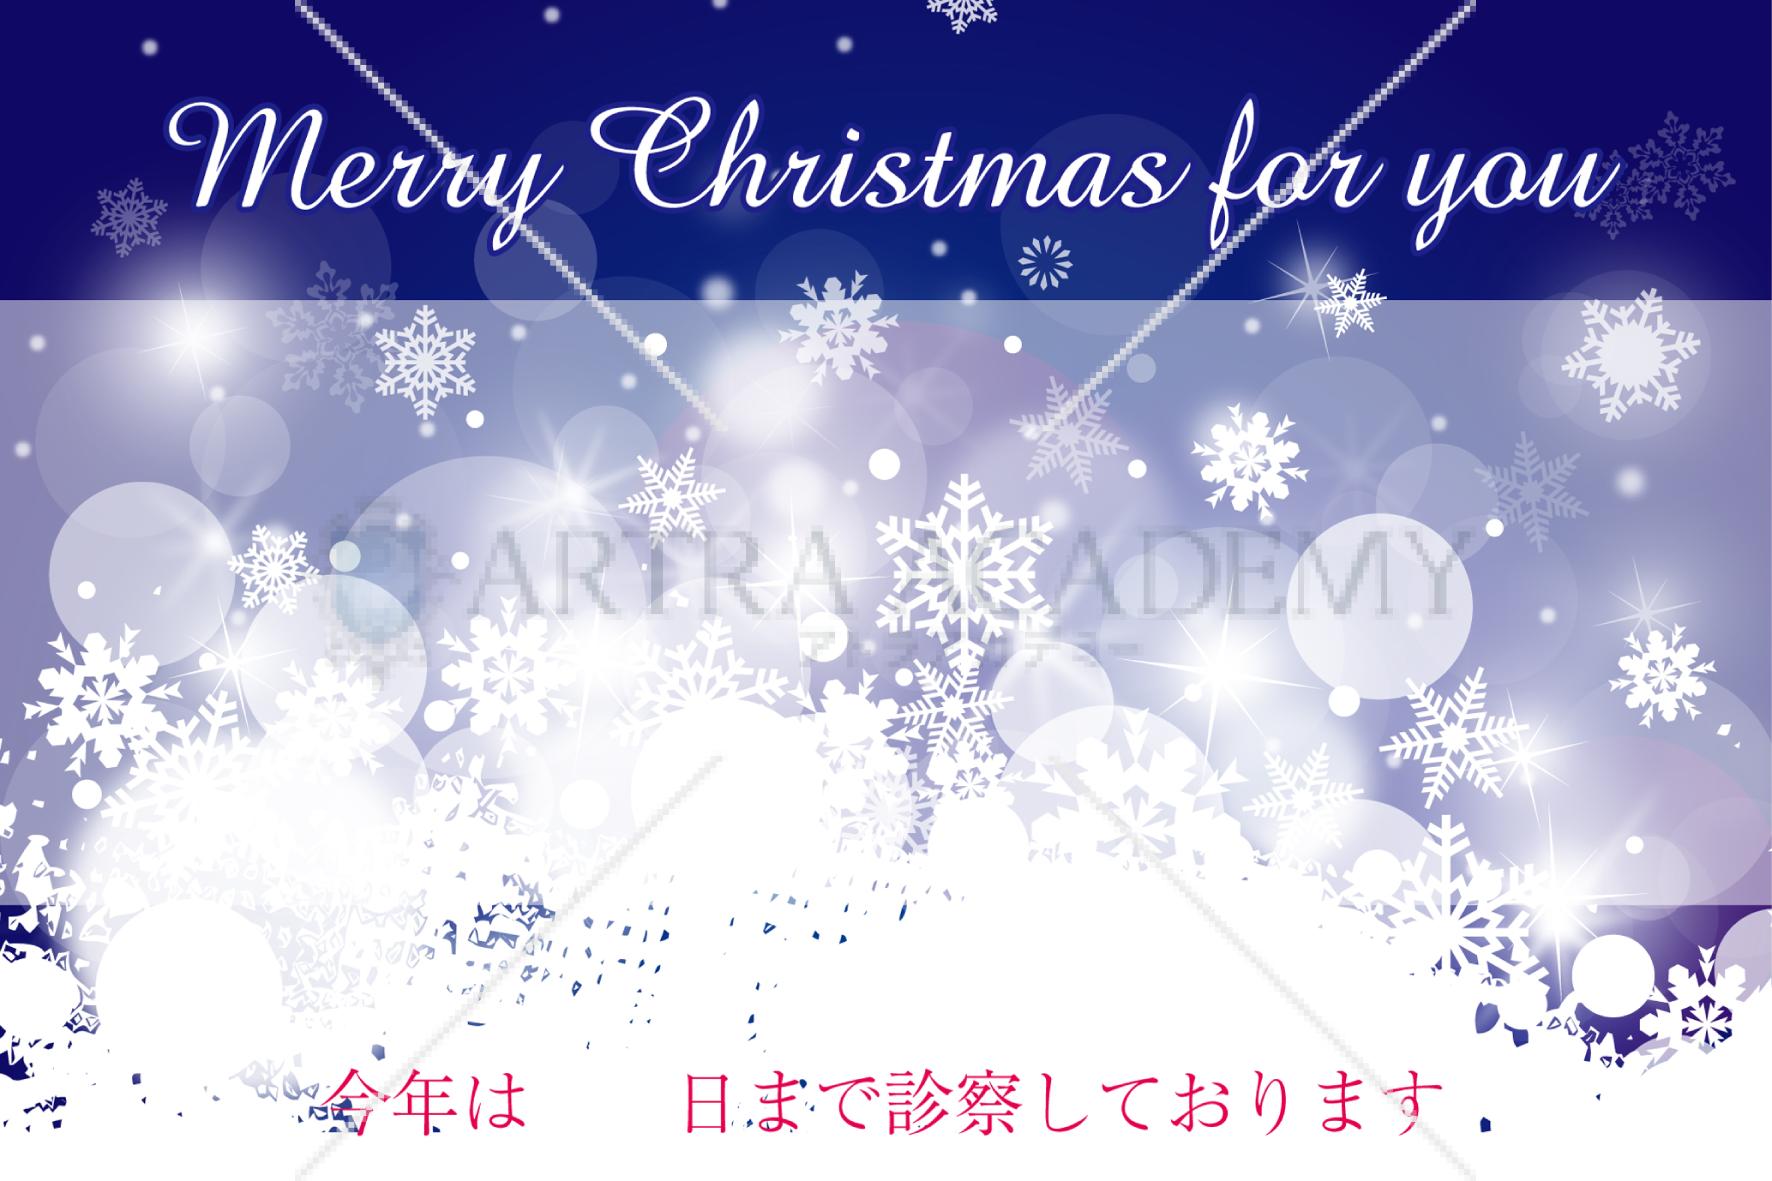 クリスマスカード雪結晶カード素材ダウンロード